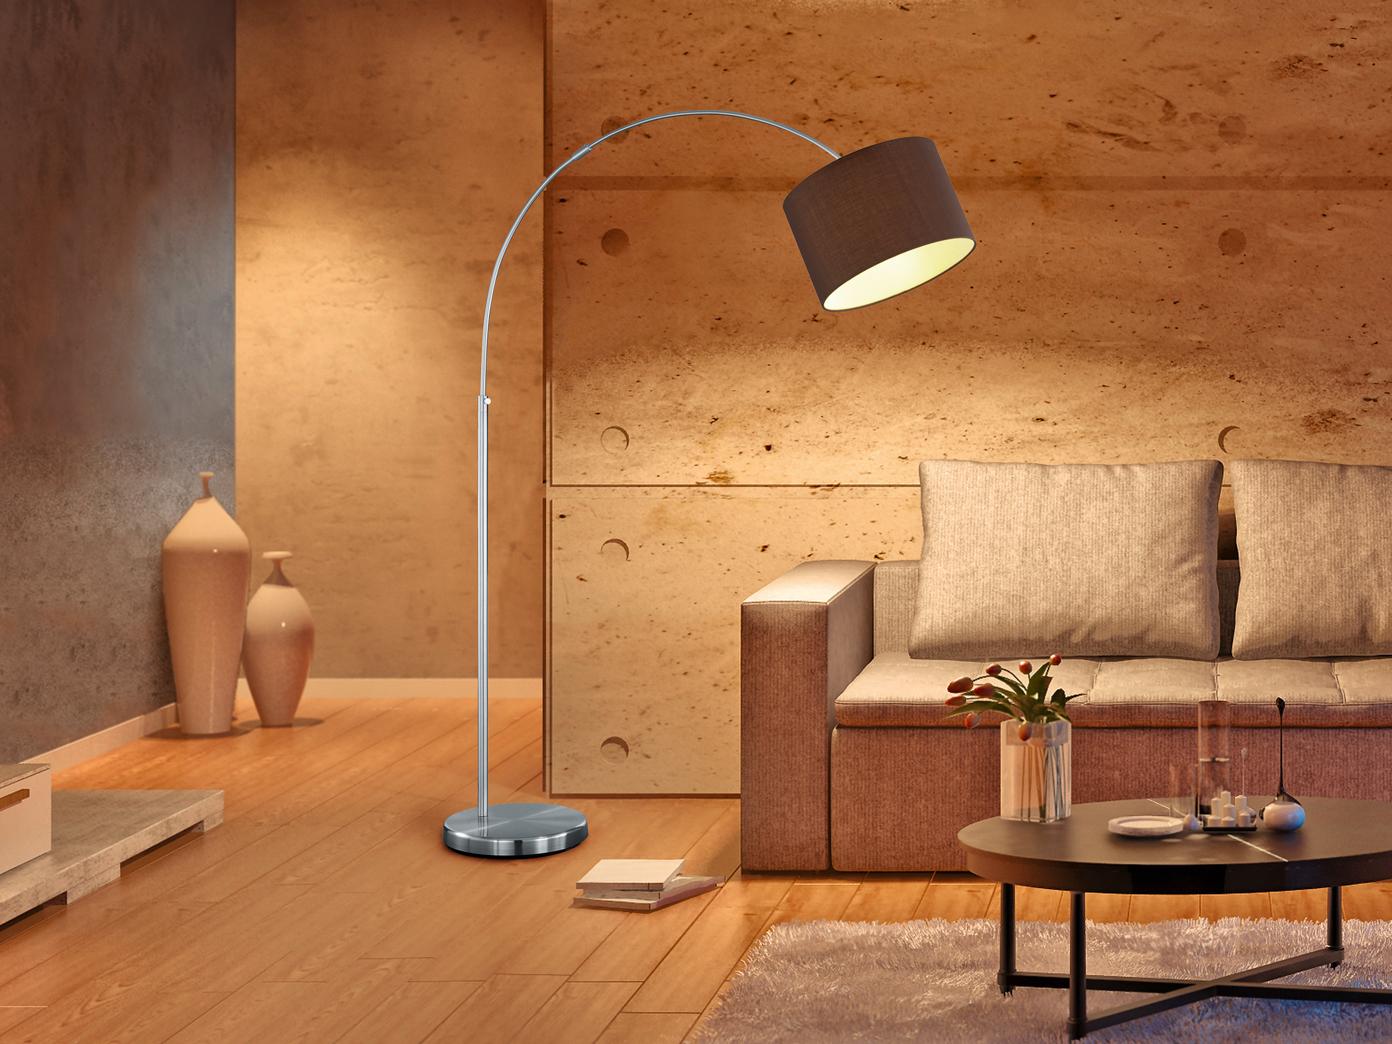 Design Bogenlampe Mit Stoffschirm Braun Hohenverstellbar Stehlampen Wohnzimmer Kaufen Bei Setpoint Deutschland Gmbh